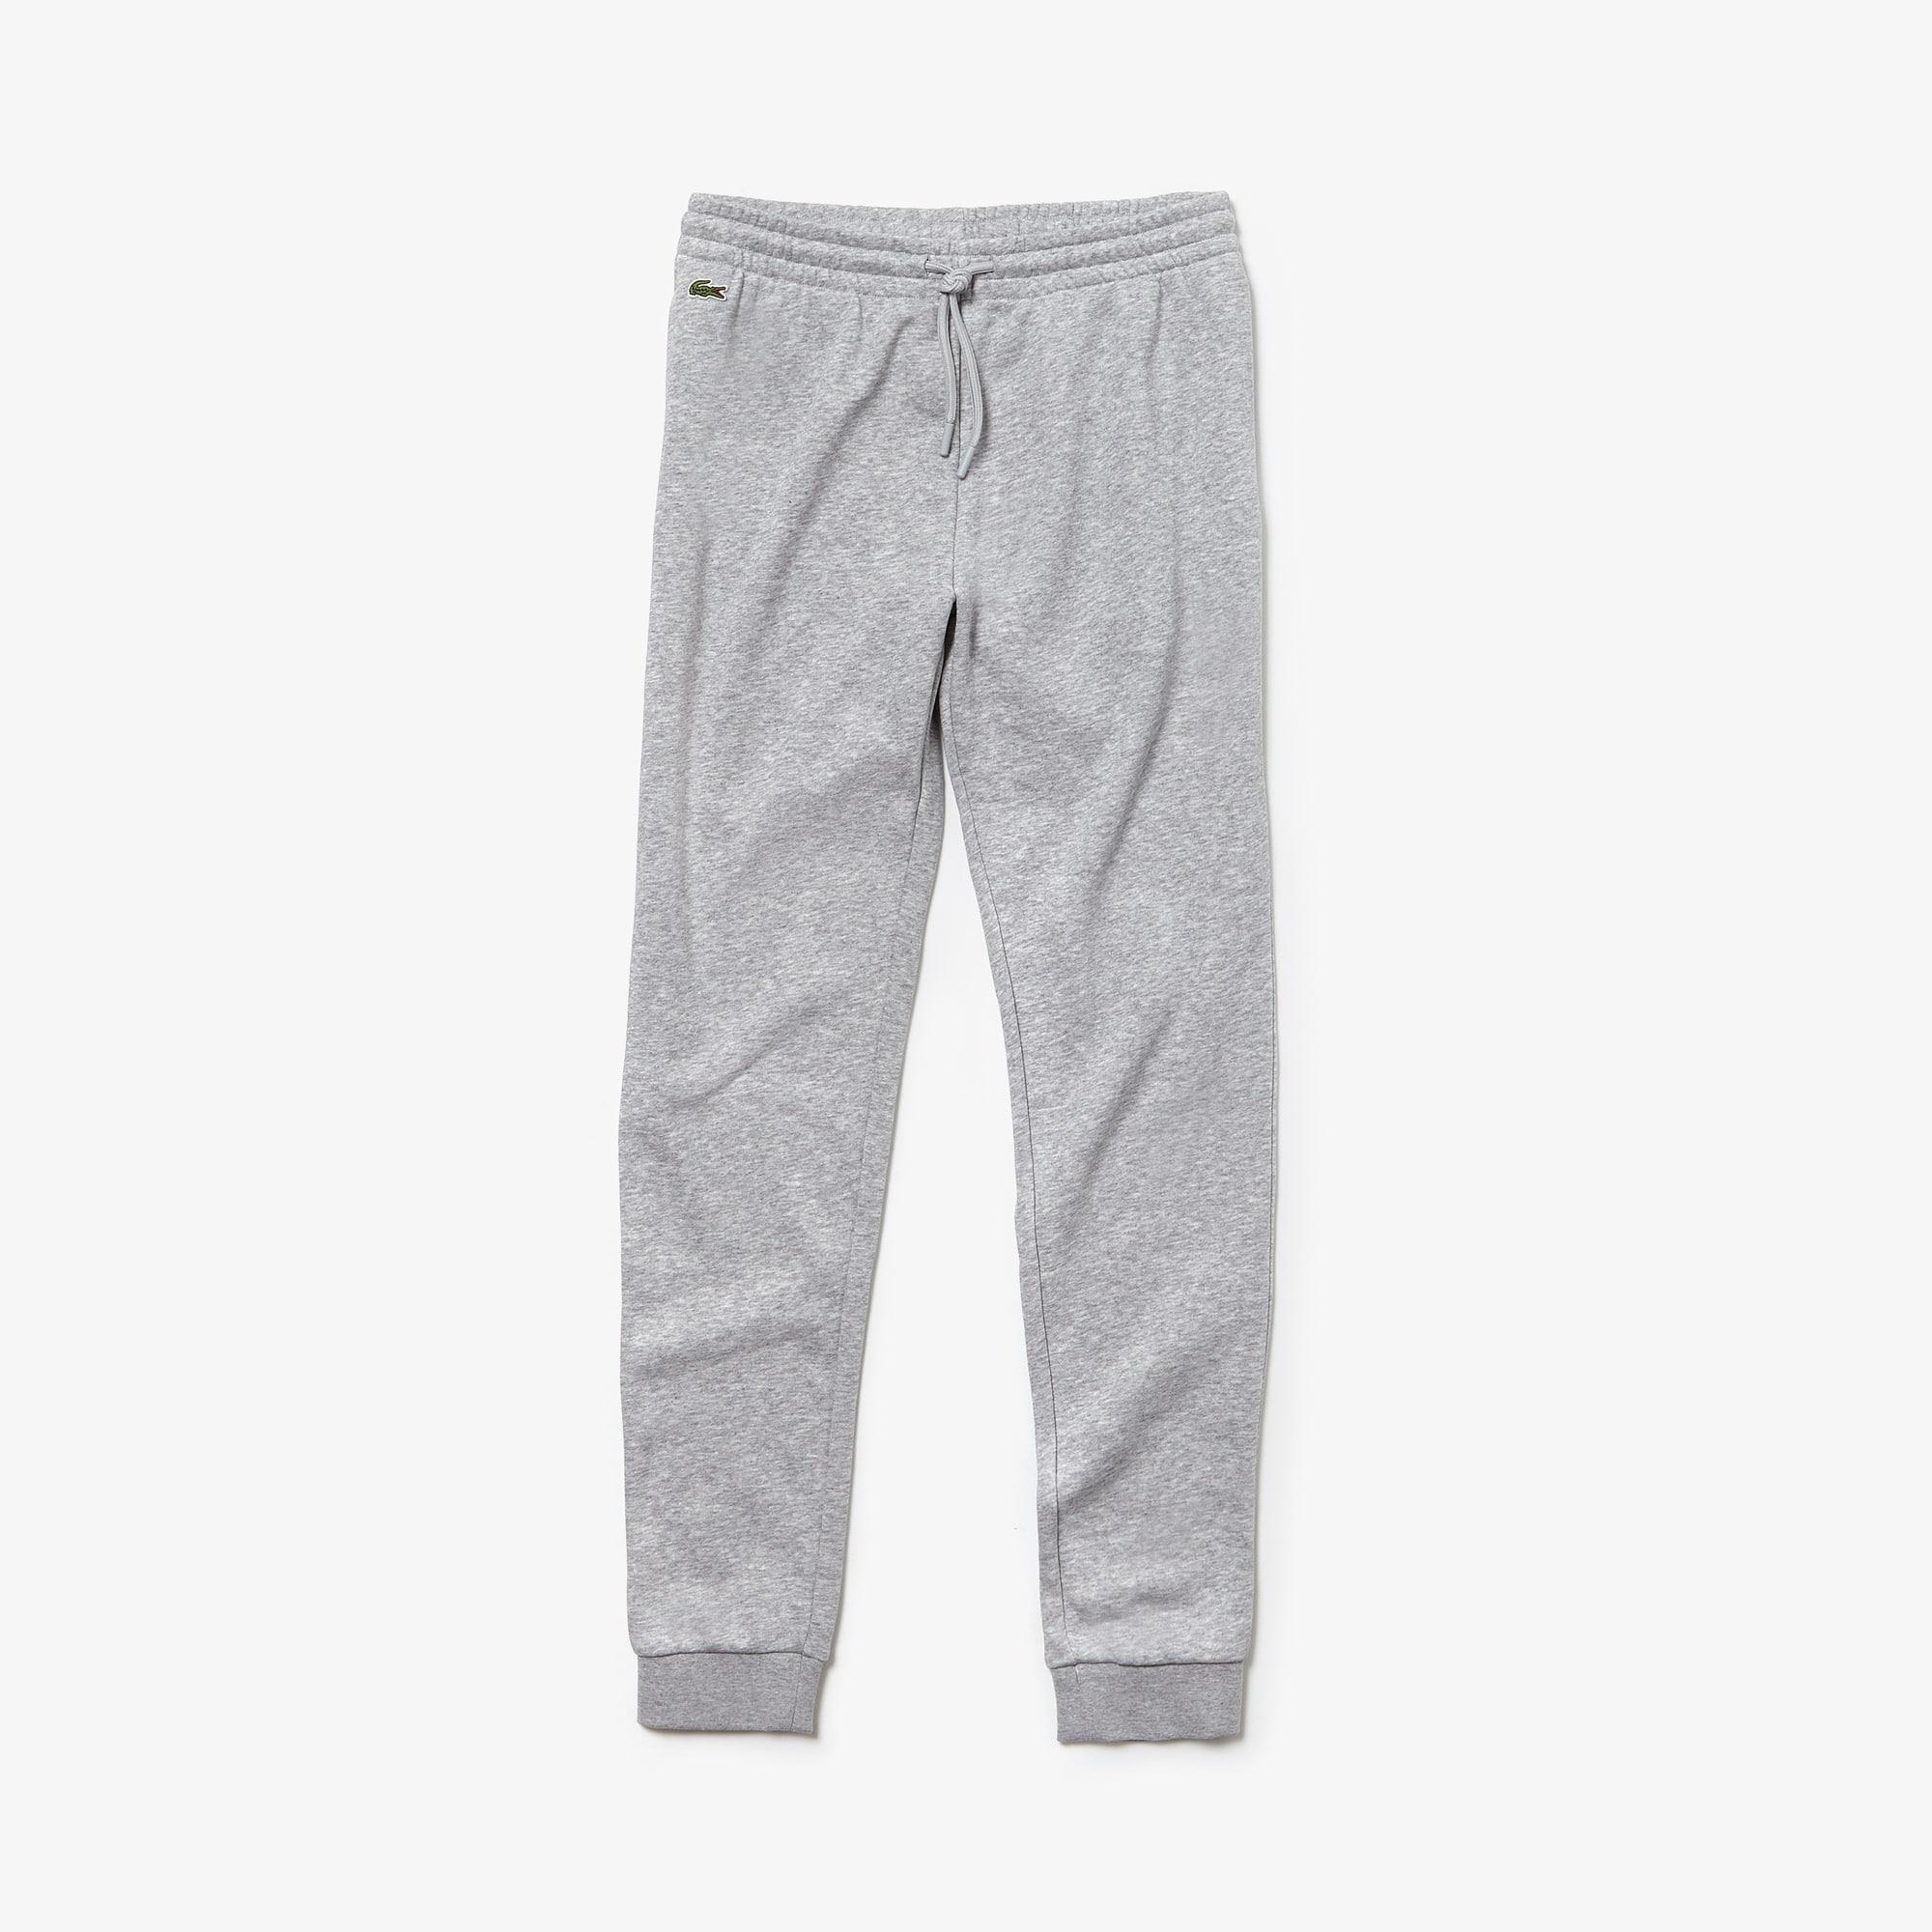 Pantaloni da jogging Tennis Lacoste SPORT in mollettone